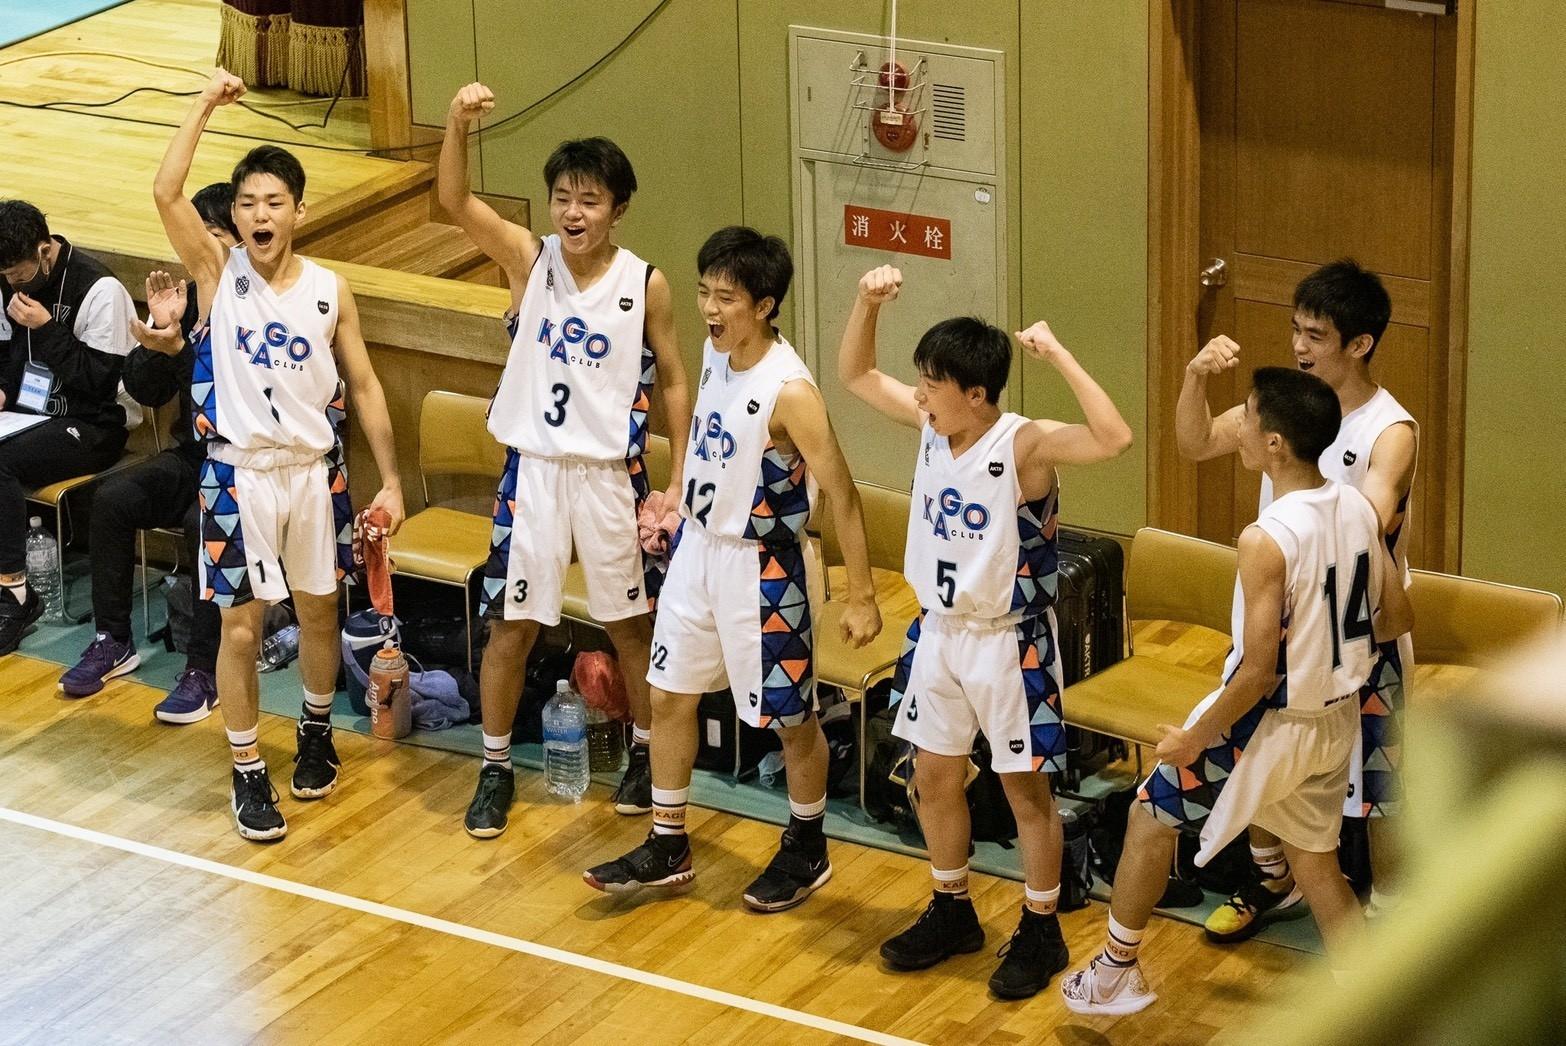 kago club fukuoka